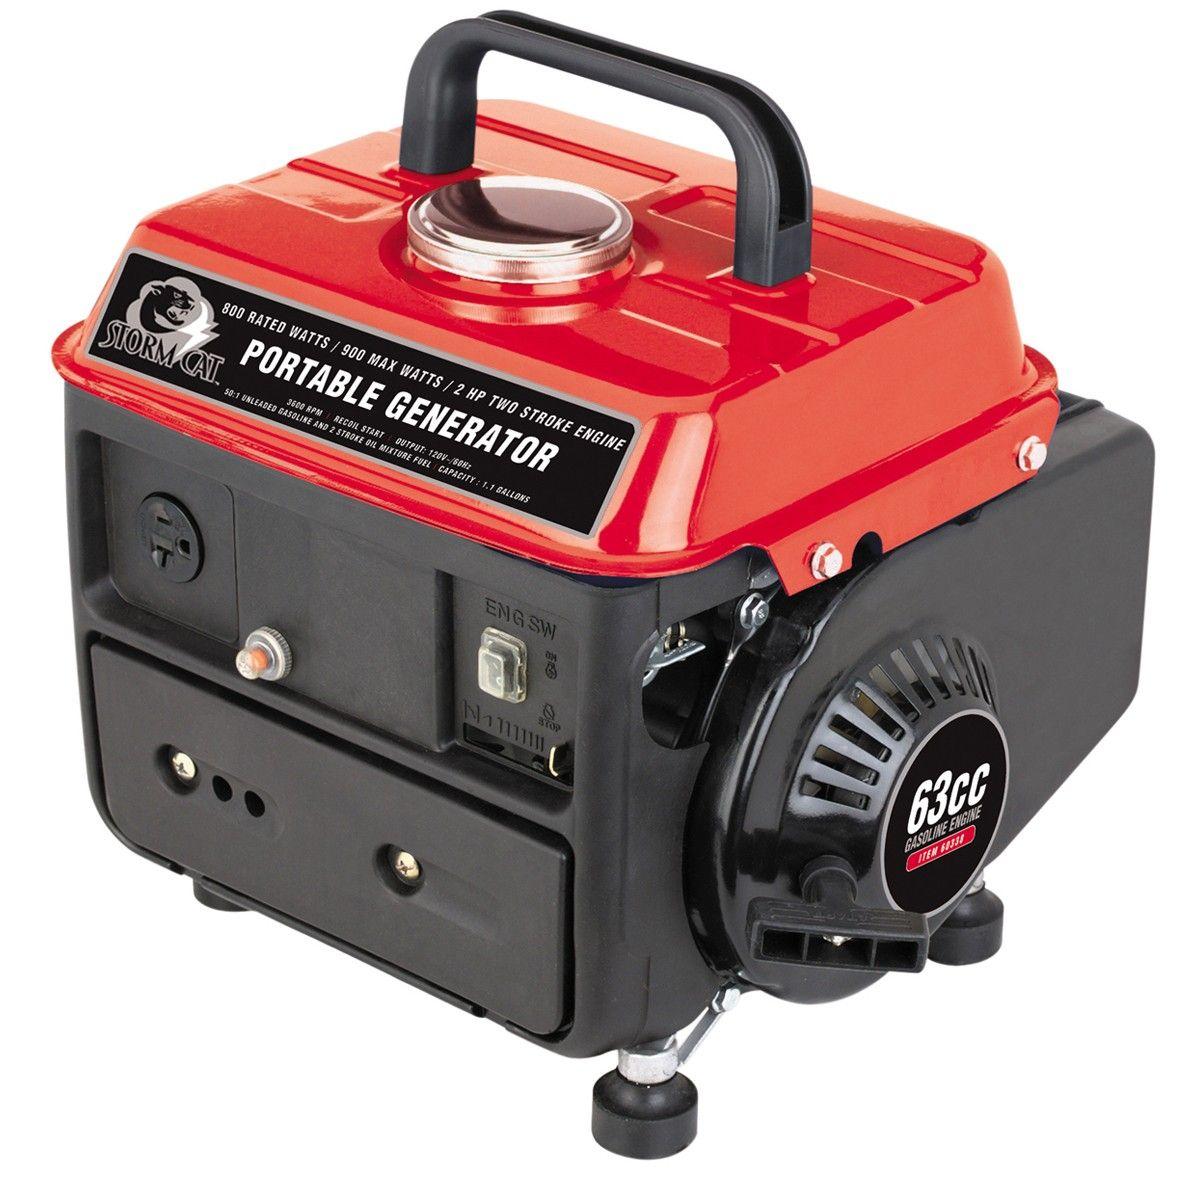 Storm Cat 60338 63cc, 900 Watts Max/800 Watts Rated